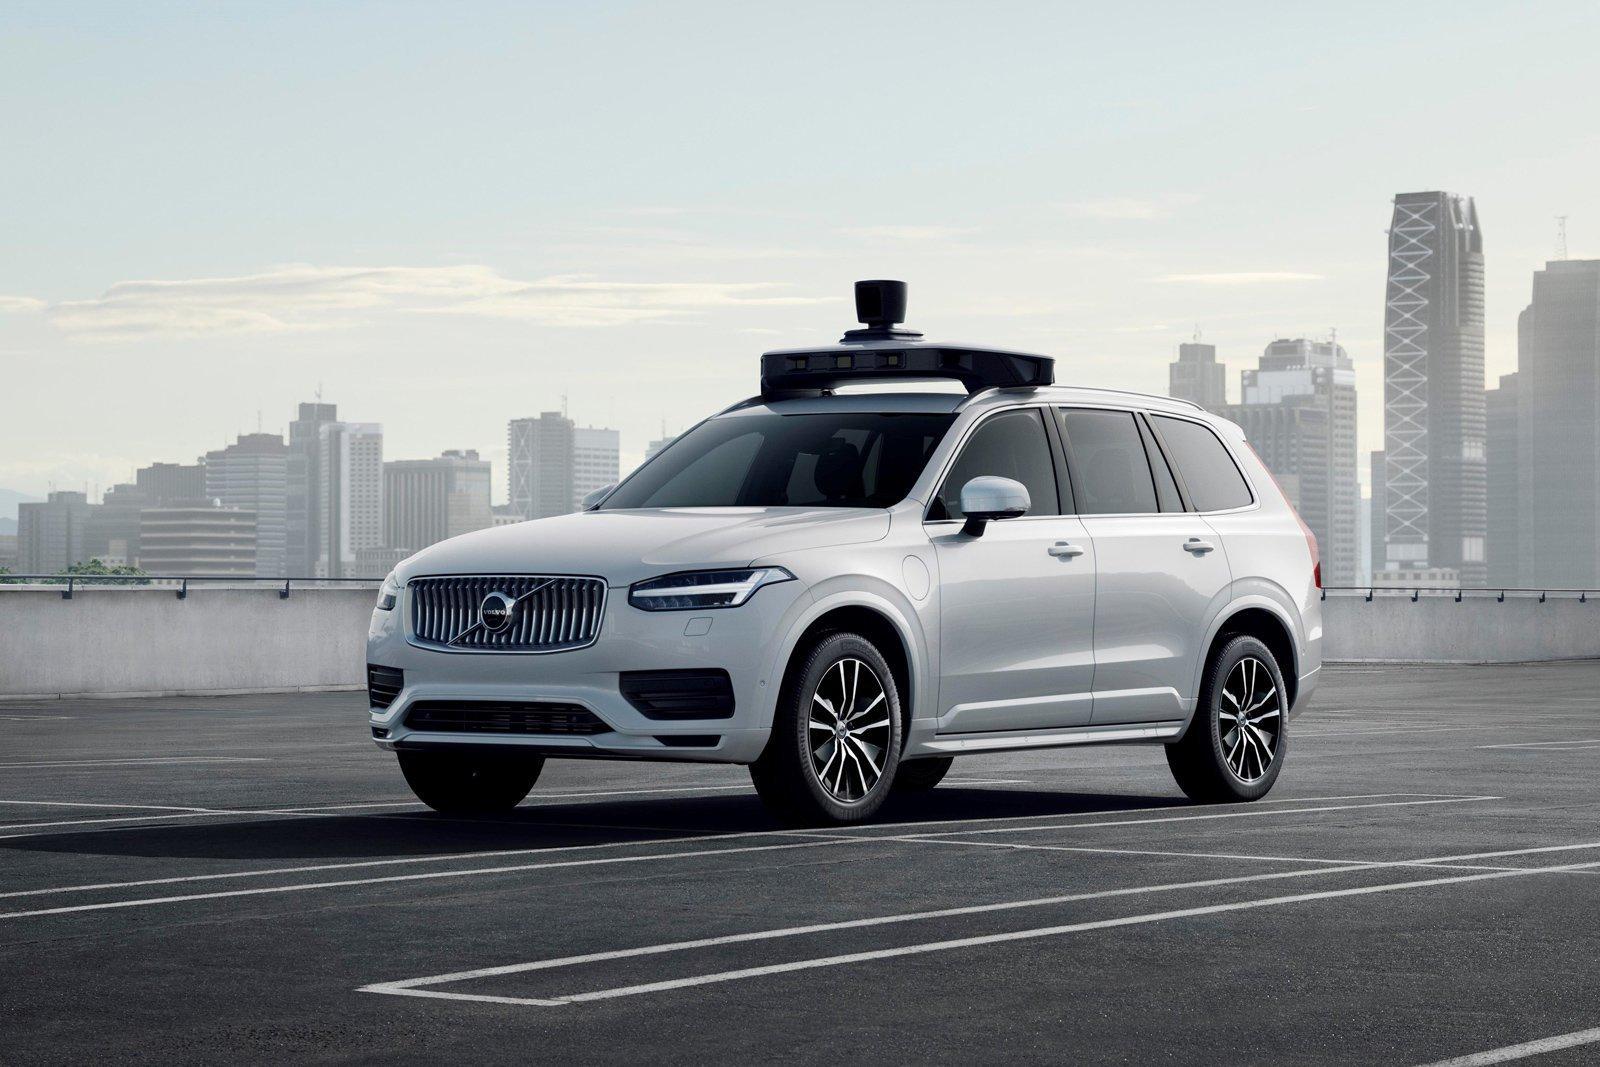 Беспилотники Volvo появятся на дорогах через два года